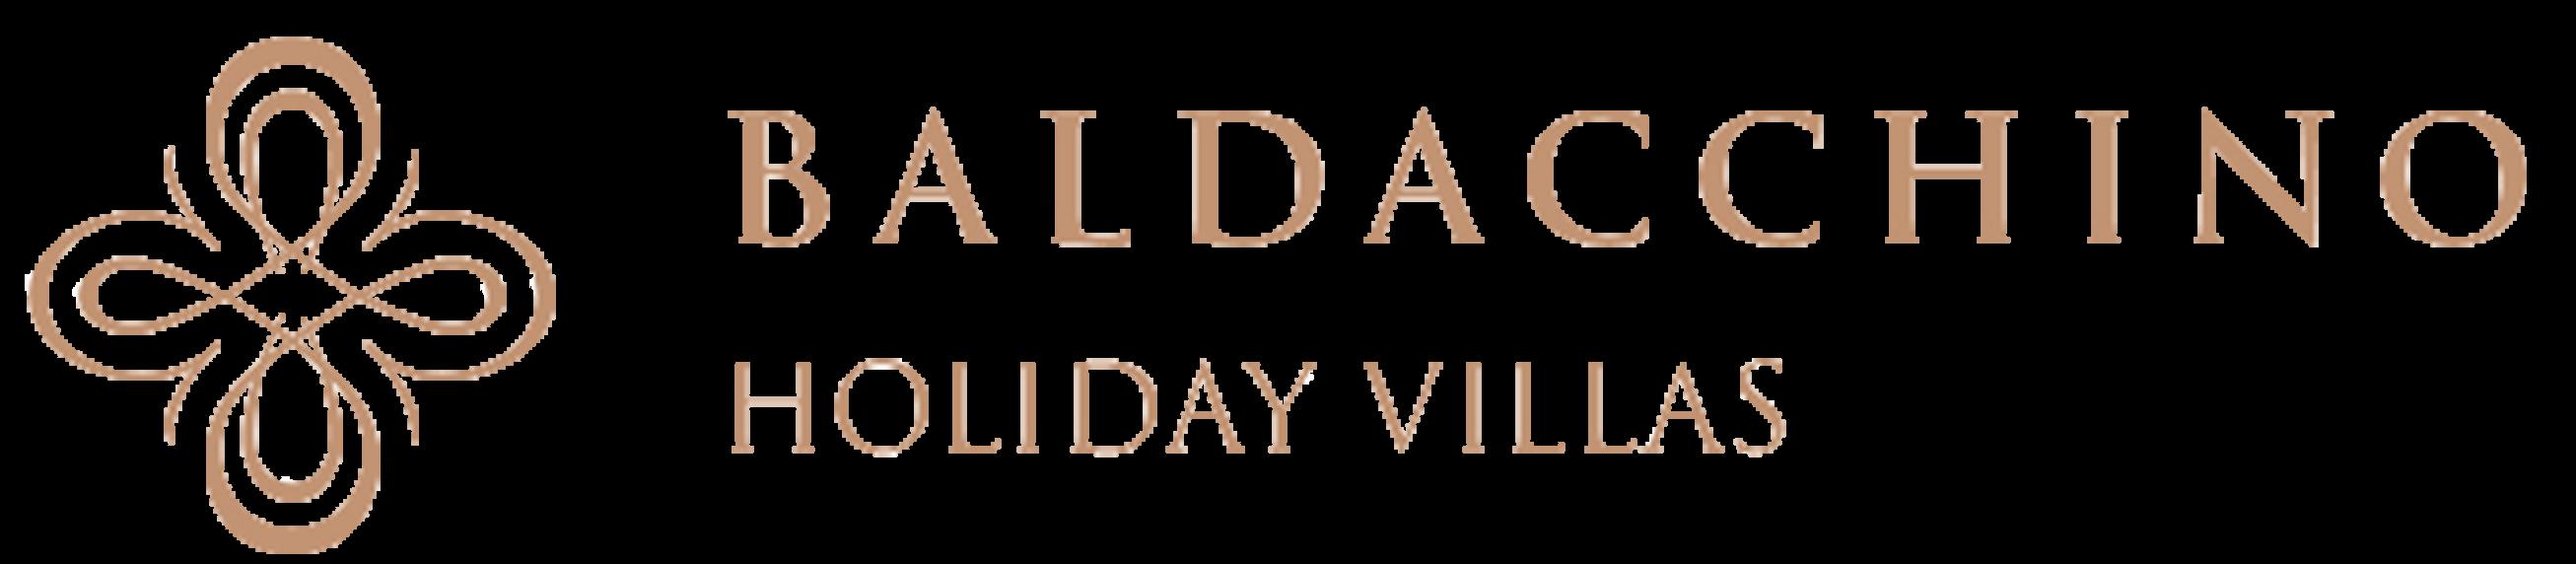 Baldacchino Holidays